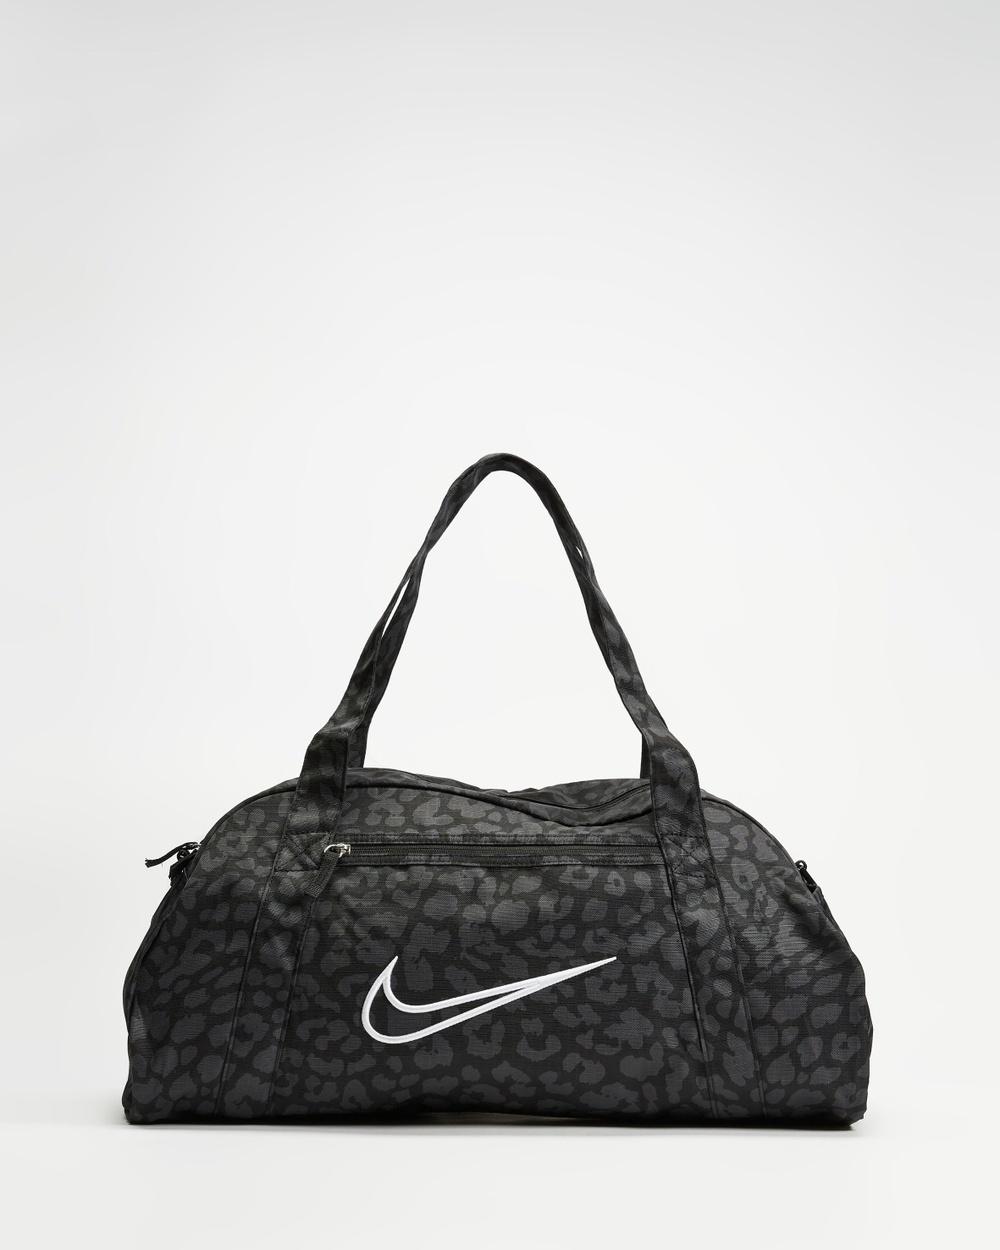 Nike Gym Club Bag 2.0 Duffle Bags Black, Dark Smoke Grey & White